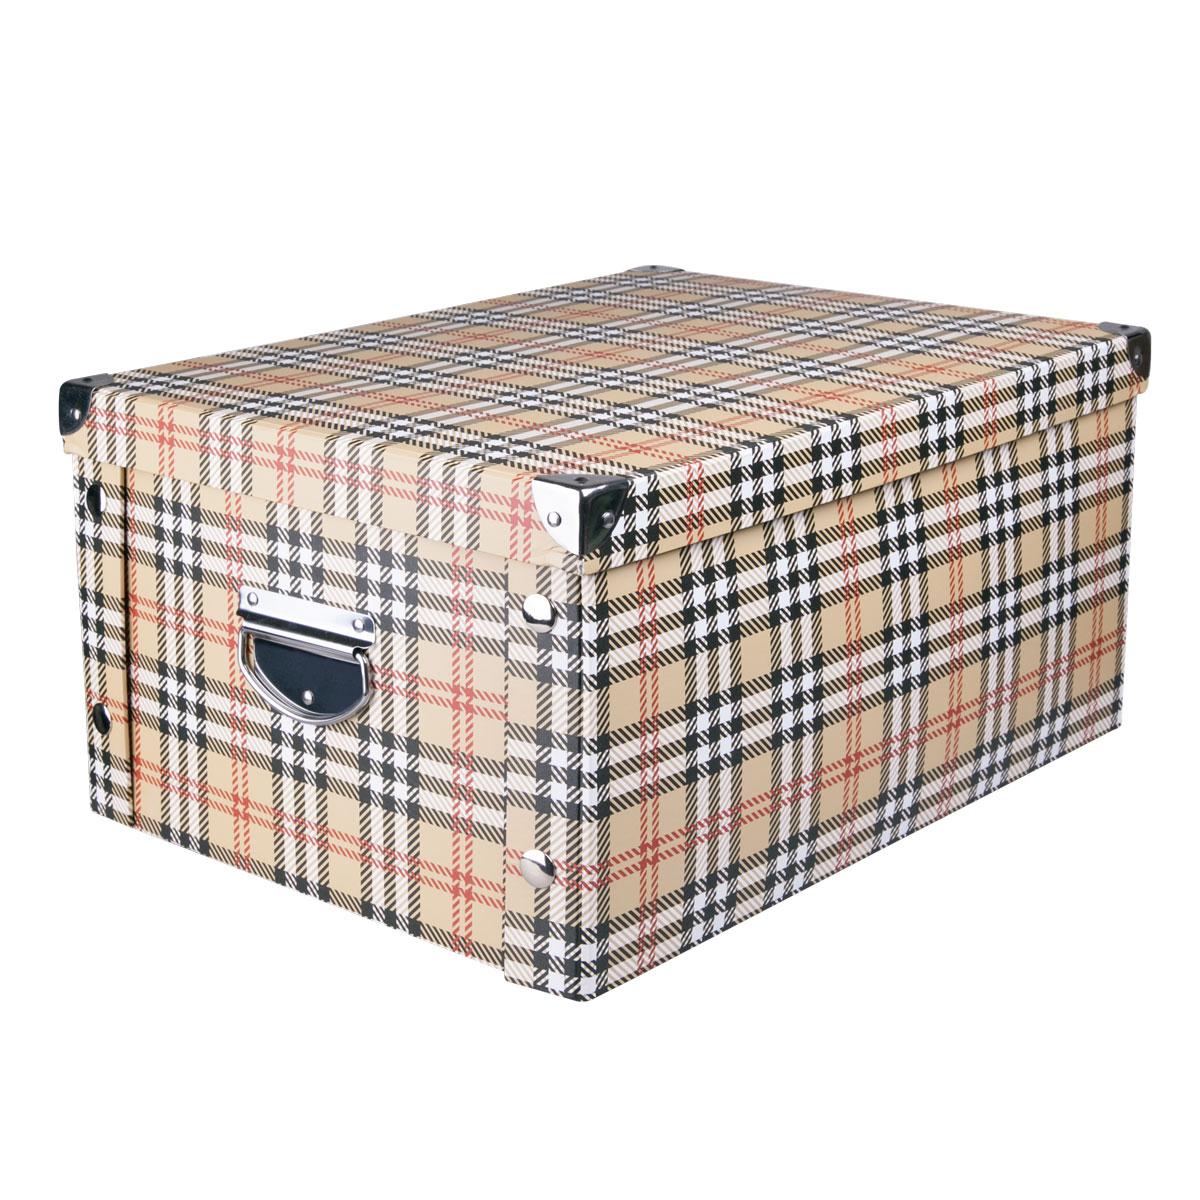 Коробка для хранения Miolla, 45 х 35 х 22,5 см. CFB-08CFB-08Коробка для хранения Miolla прекрасно подойдет для хранения бытовых мелочей, документов, аксессуаров для рукоделия и других мелких предметов. Коробка поставляется в разобранном виде, легко и быстро складывается. Плотная крышка и удобные для переноски металлические ручки станут приятным дополнением к функциональным достоинствам коробки. Удобная крышка не даст ни одной вещи потеряться, а оптимальный размер подойдет для любого шкафа или полки.Компактная, но при этом вместительная коробка для хранения станет яркой нотой в вашем интерьере.